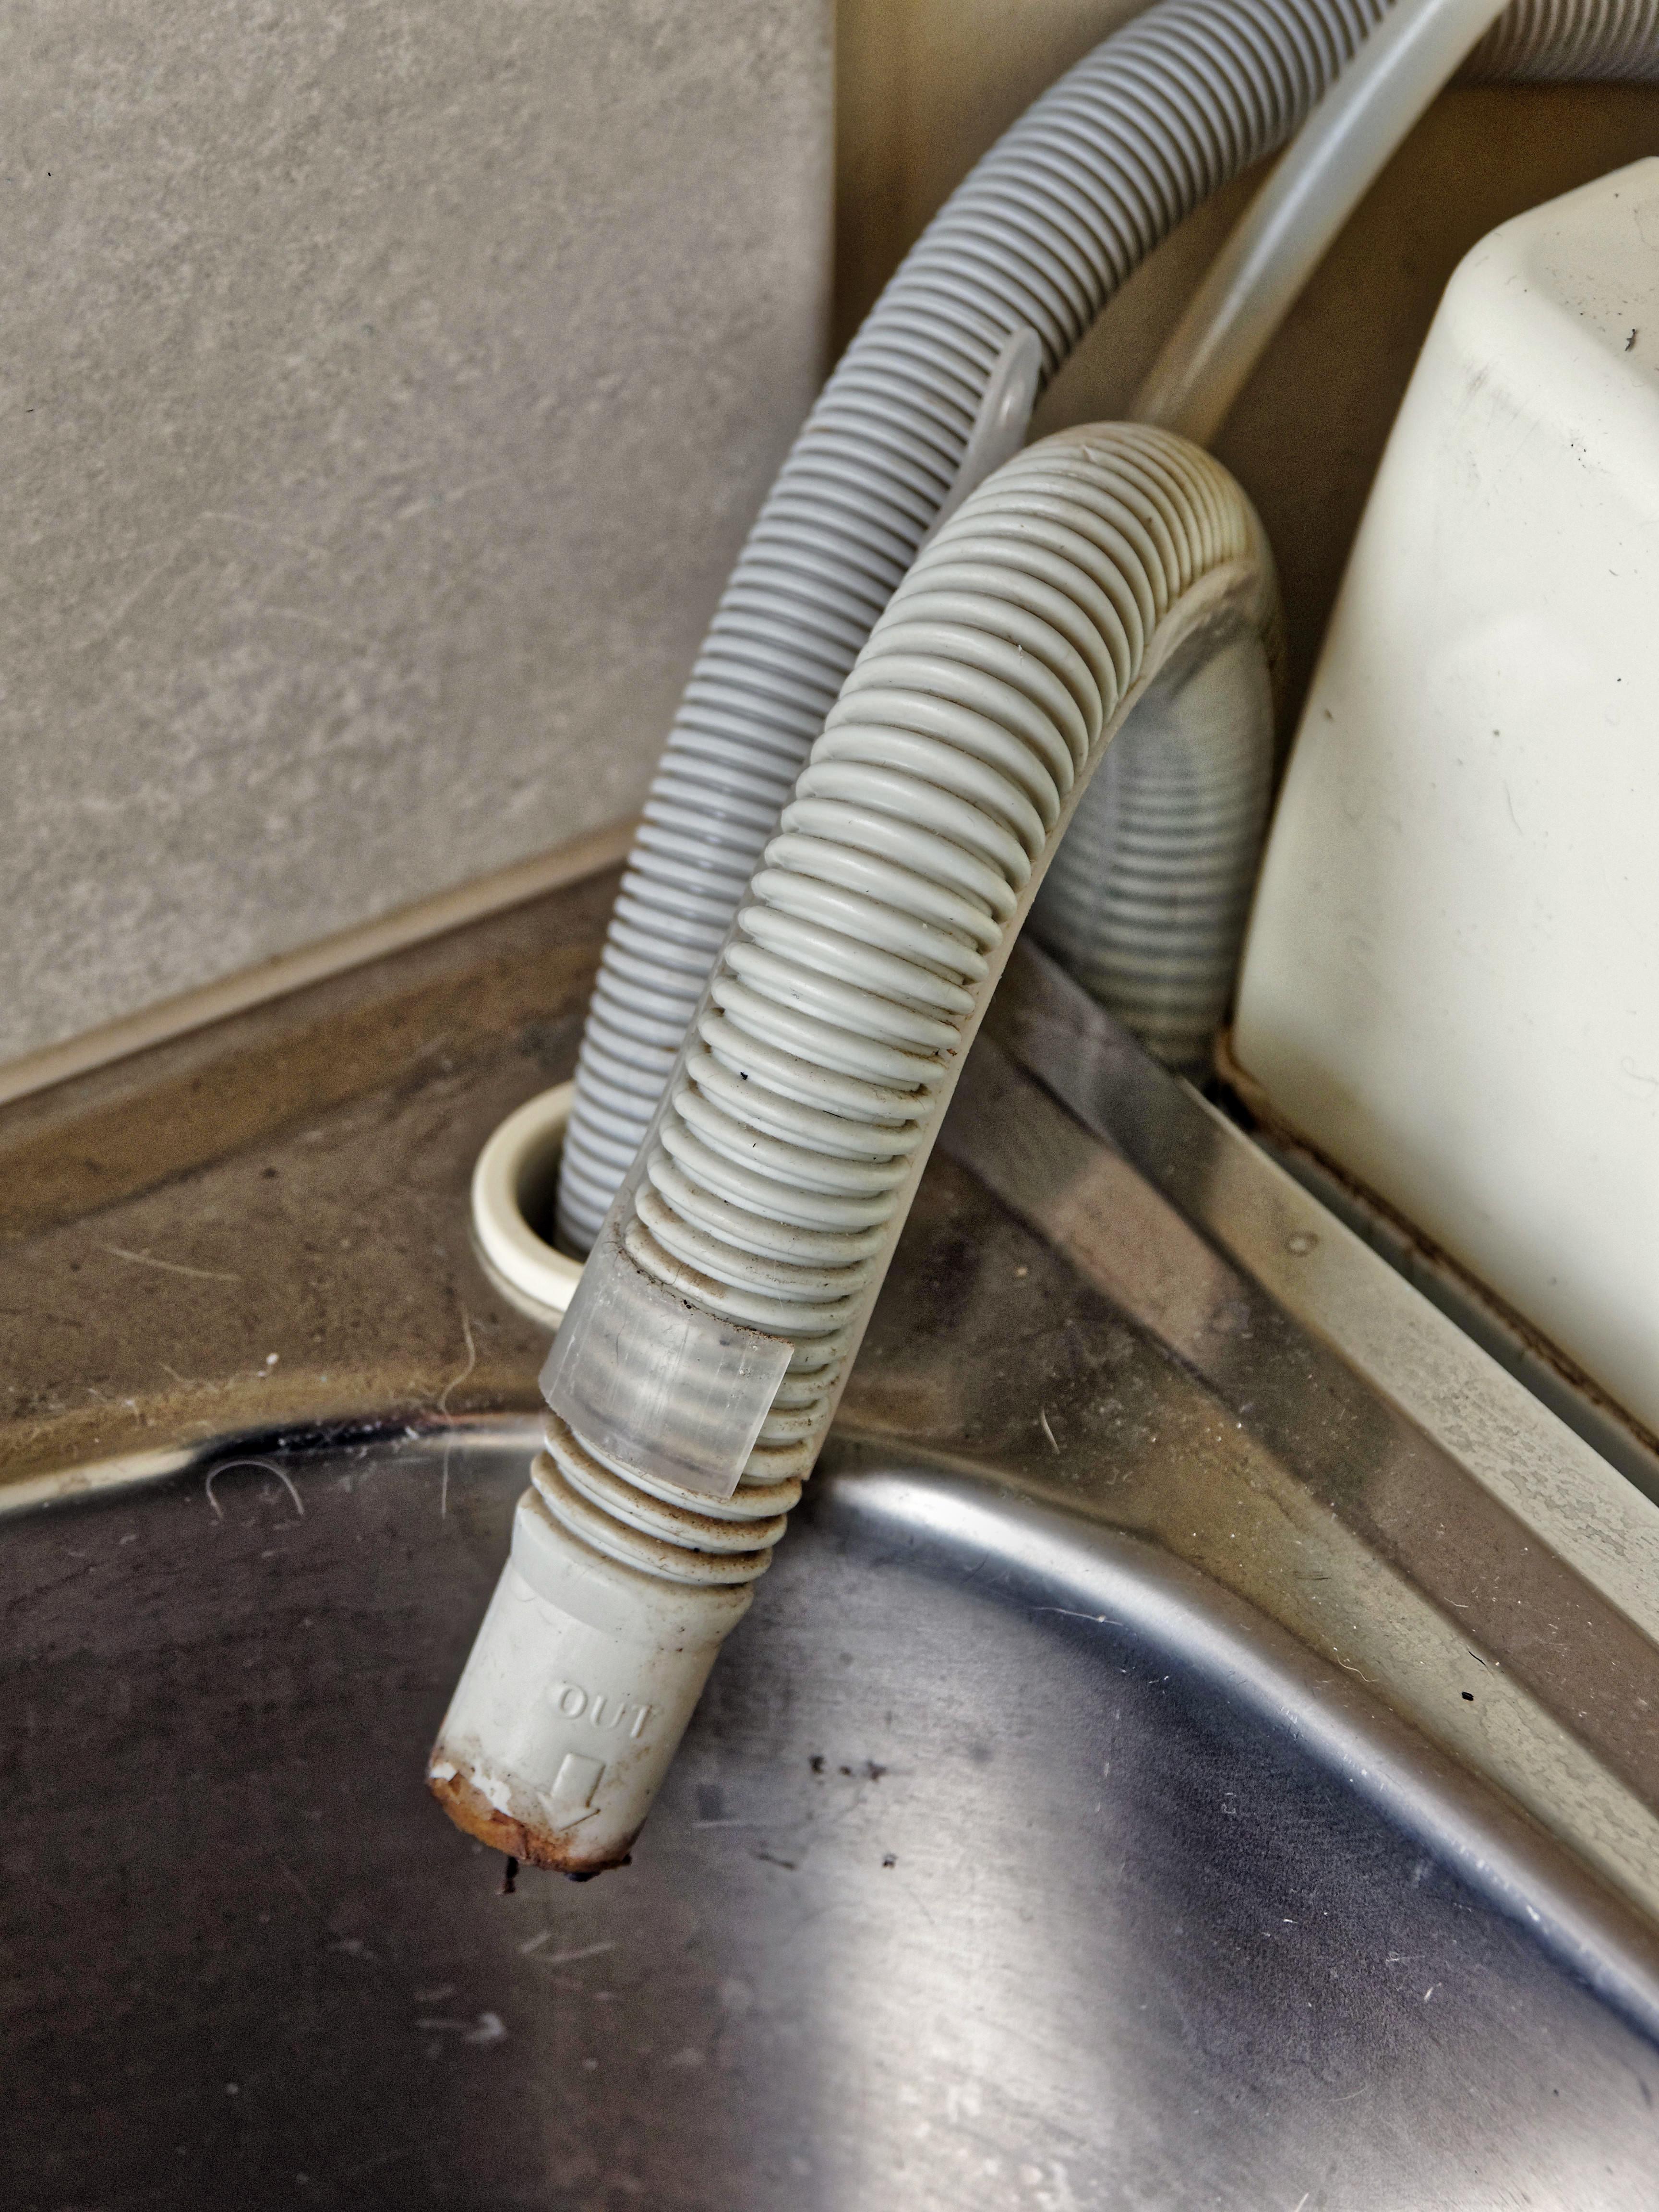 Dish-washer-drain.jpeg